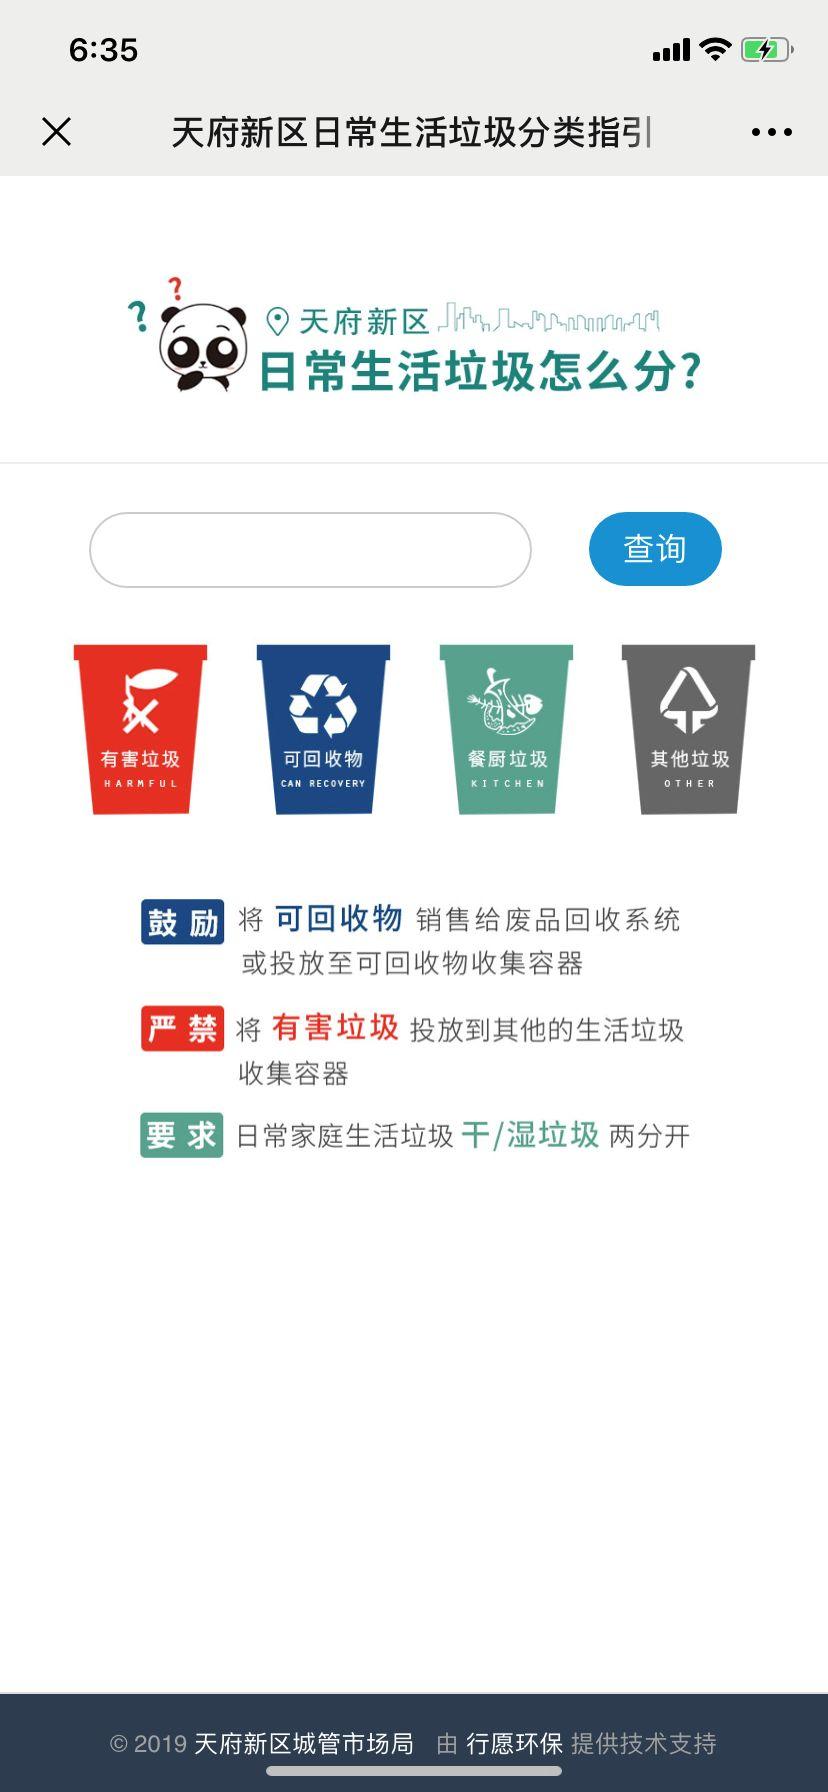 成都垃圾分类常见种类查询入口